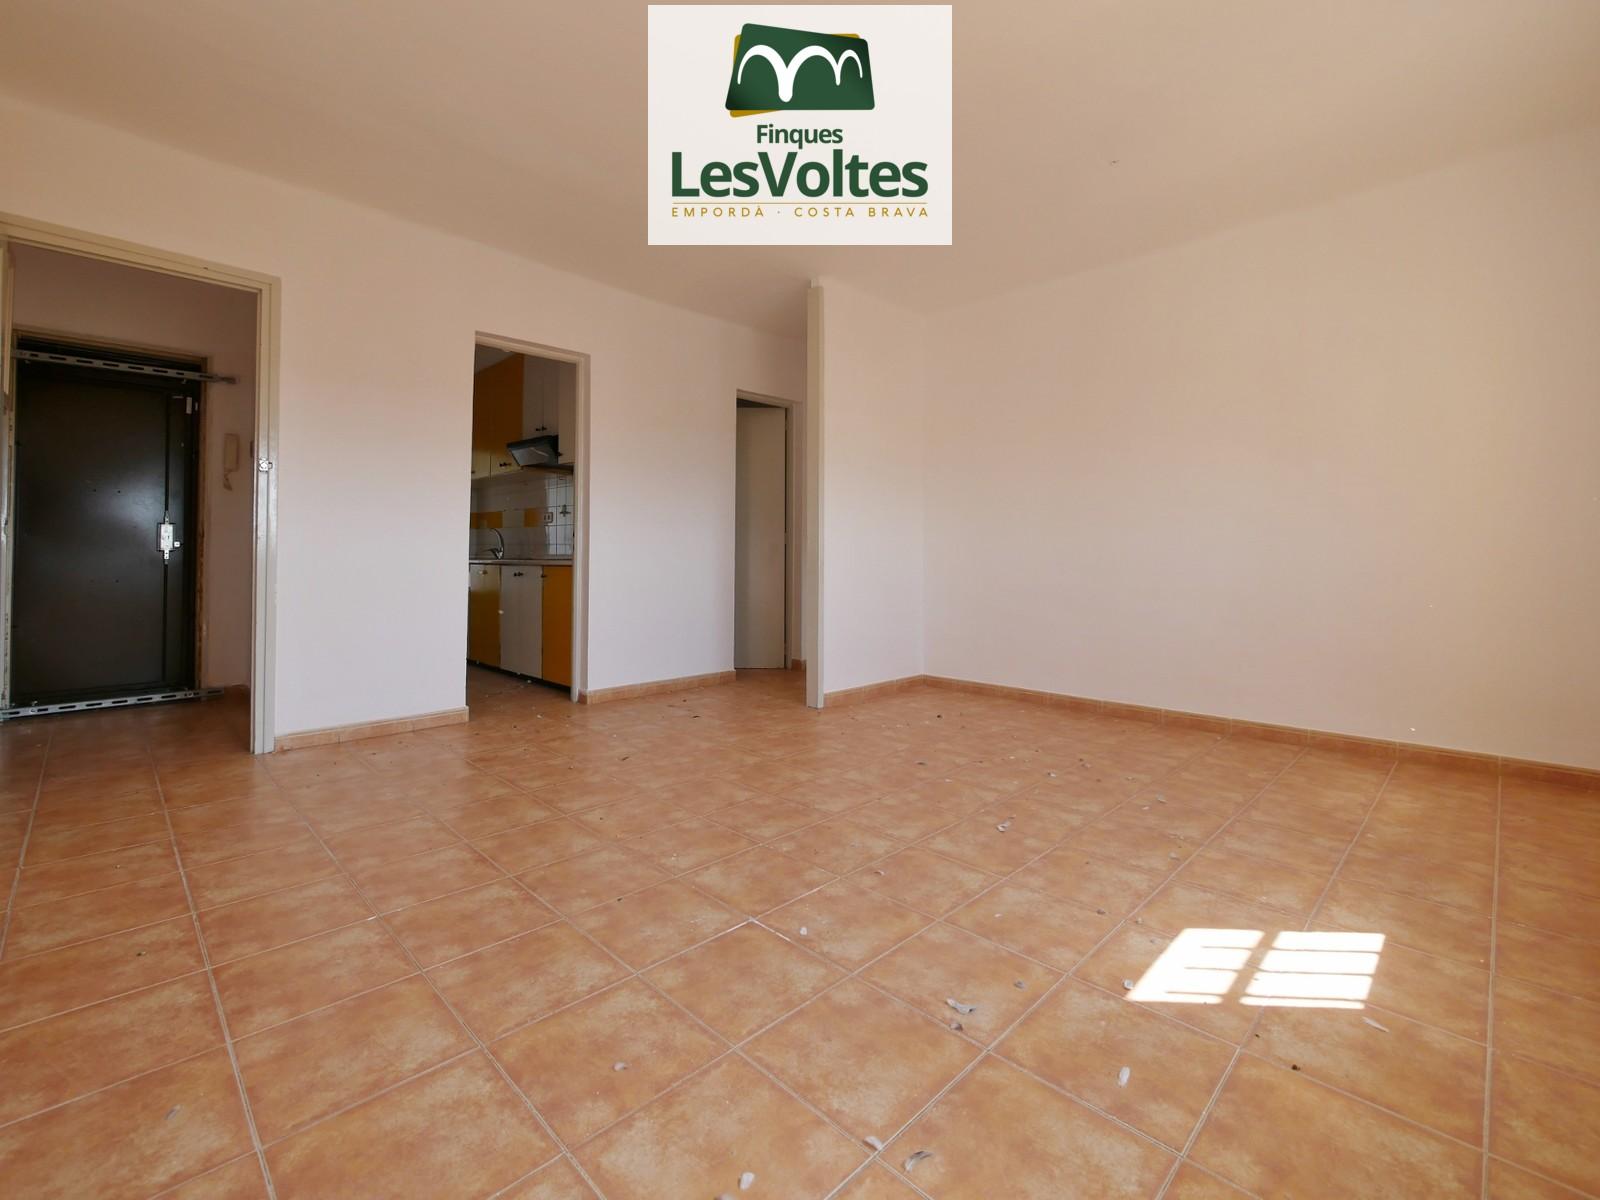 Pis de dues habitacions en venda a Palafrugell.